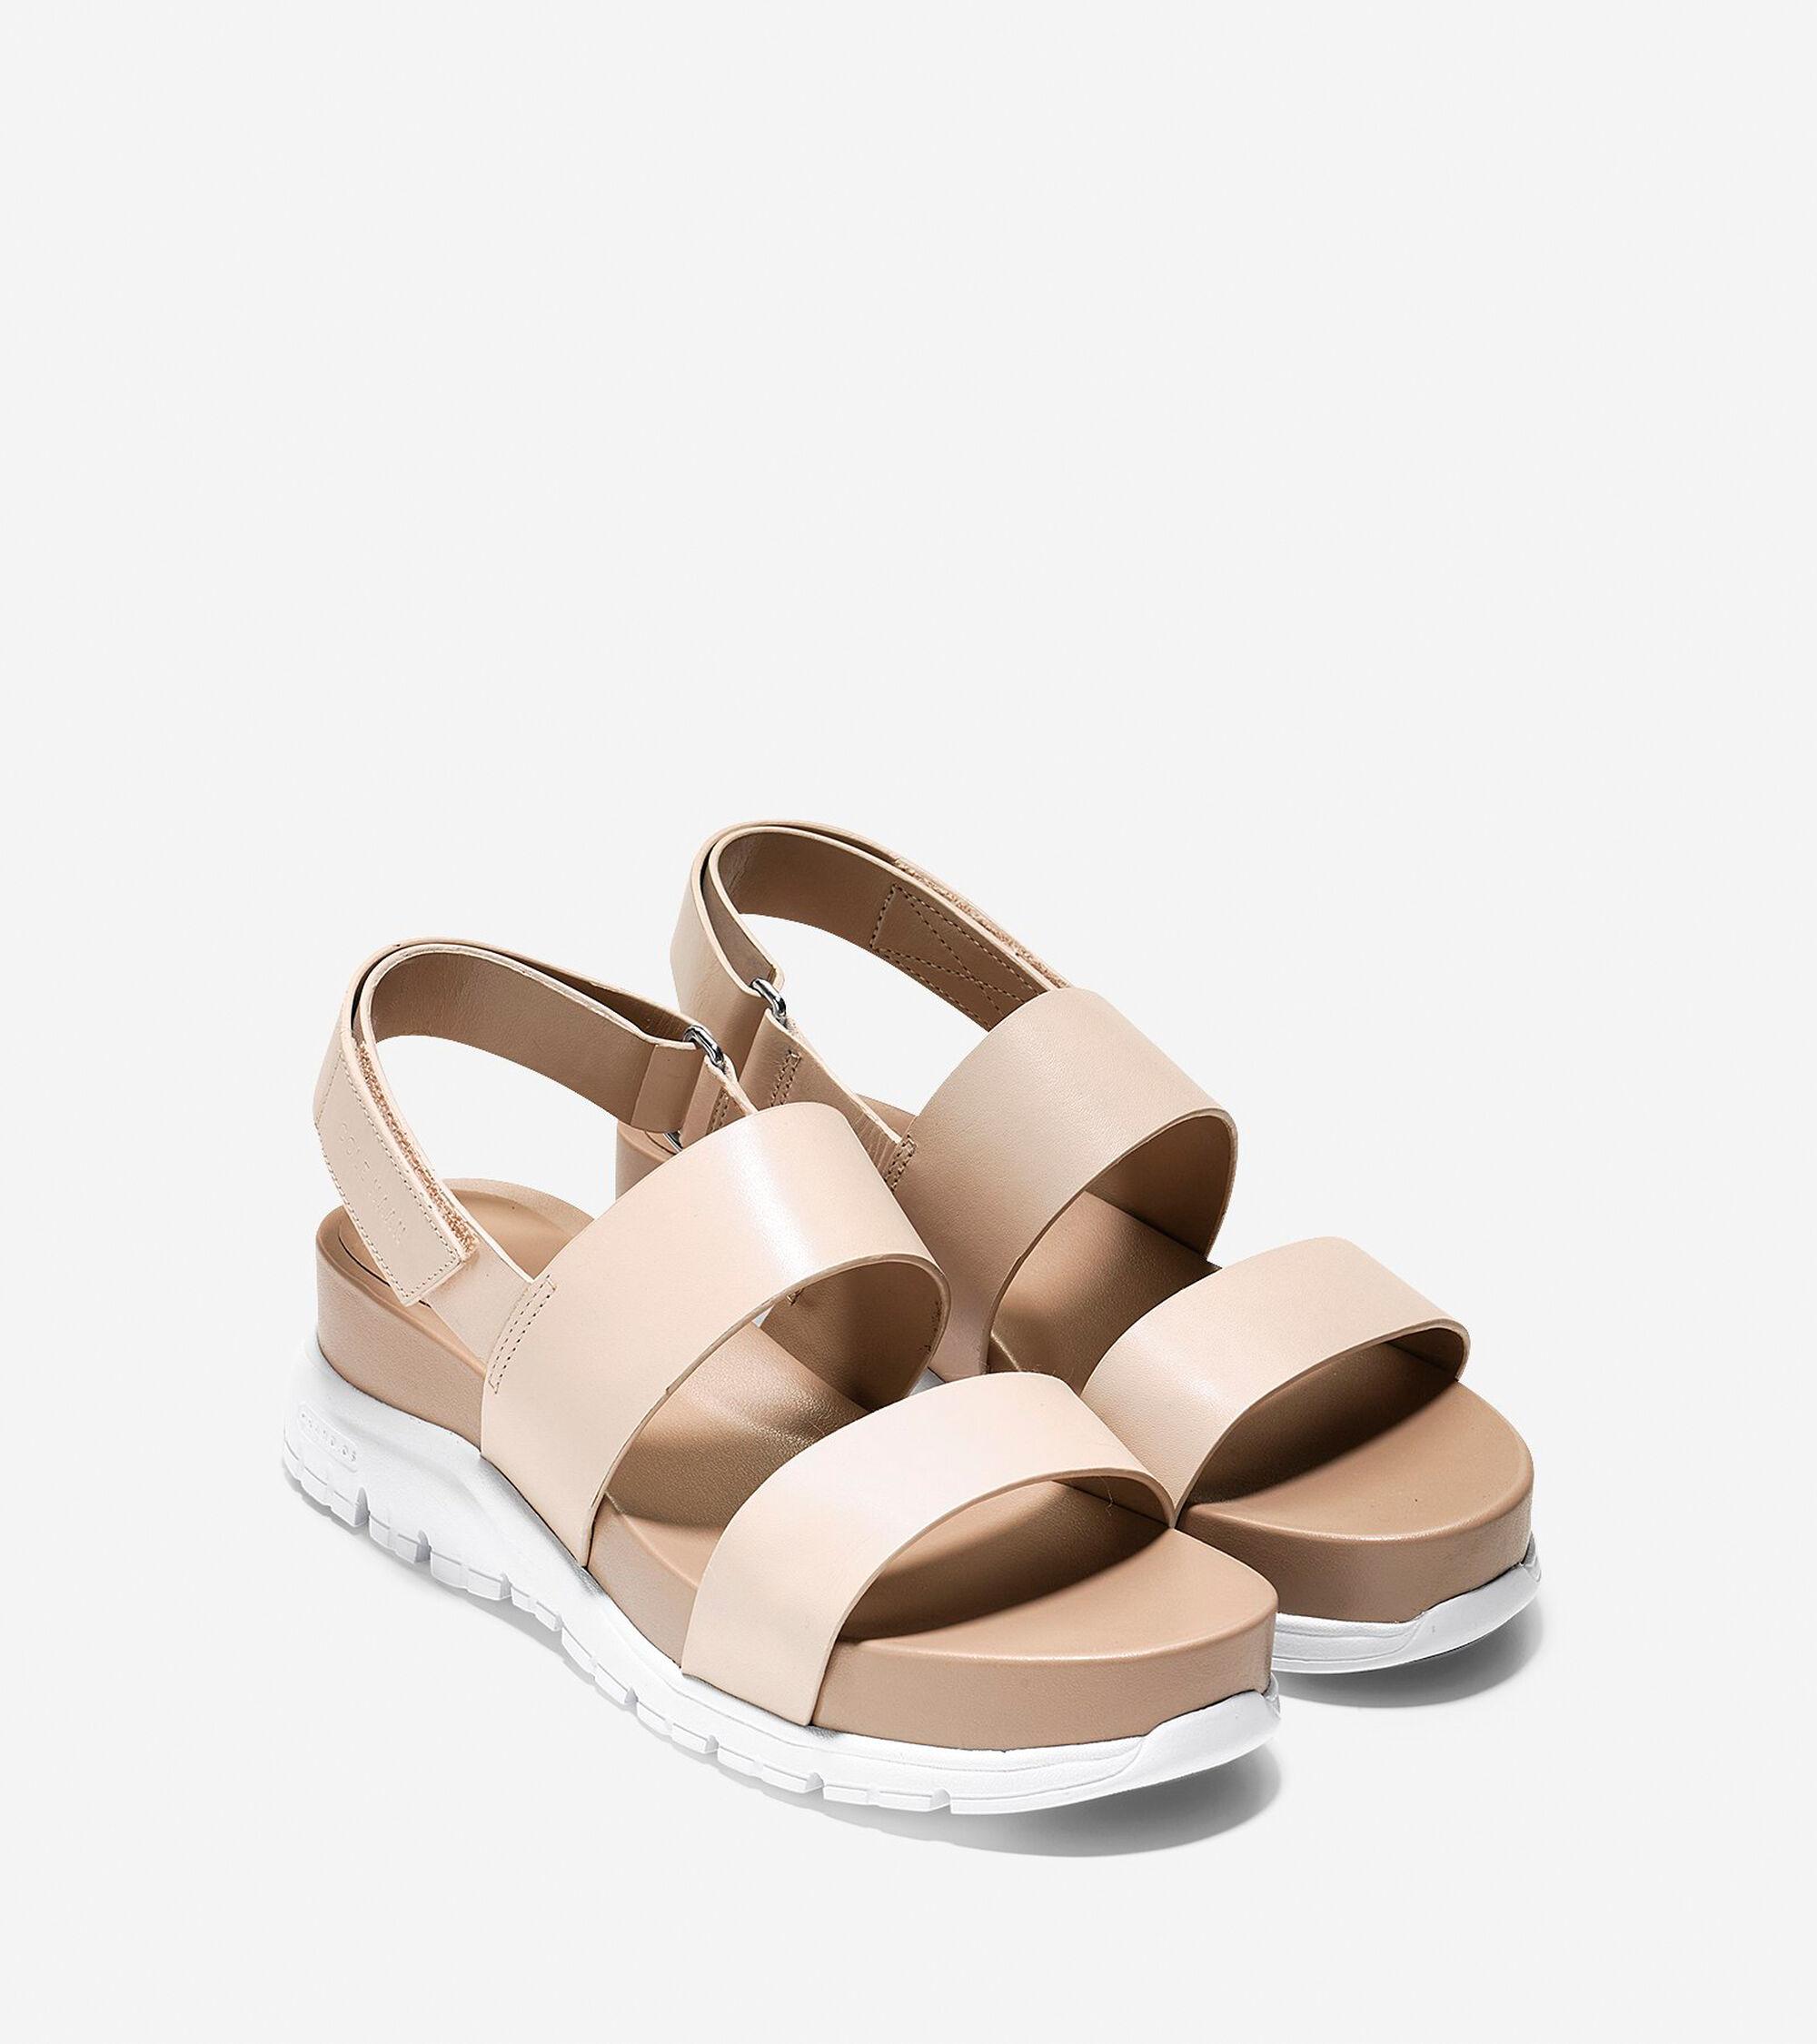 2600cf0deec Women s ZEROGRAND Slide Sandals in Sandshell